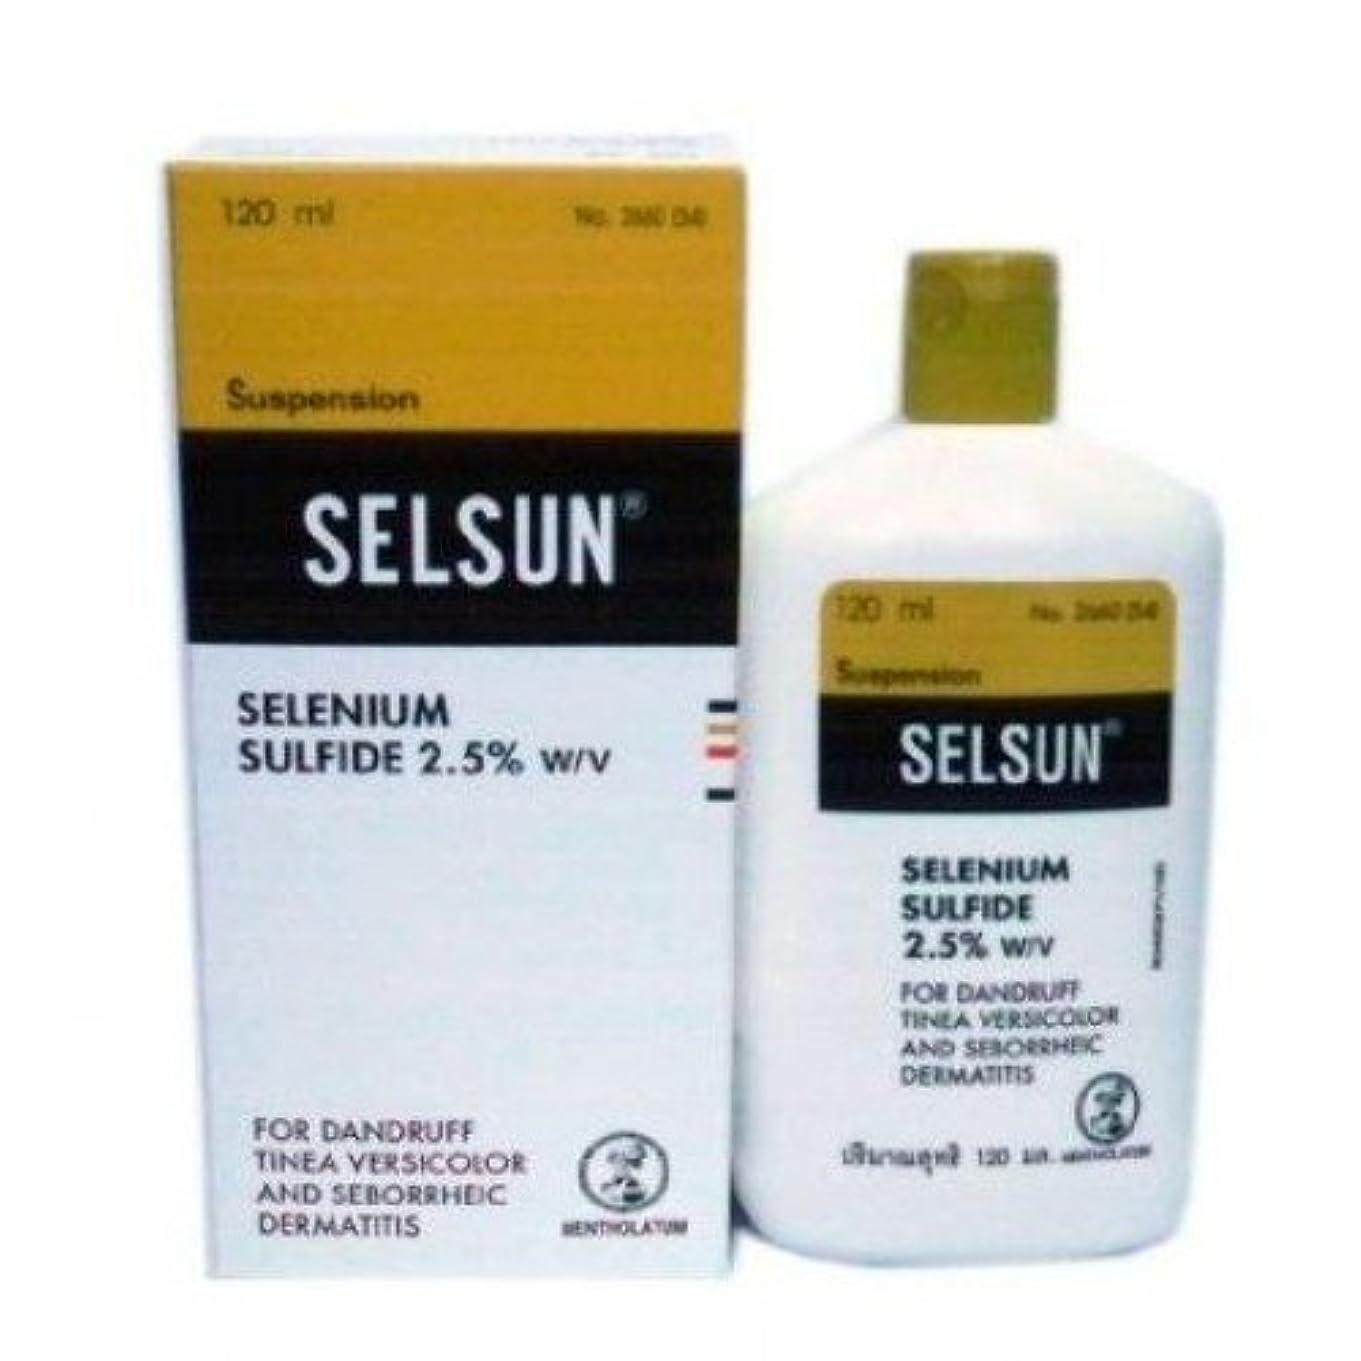 中央値意気揚々解釈的SELSUN anti-dandruff shampoo 120ml  セルサン シャンプー